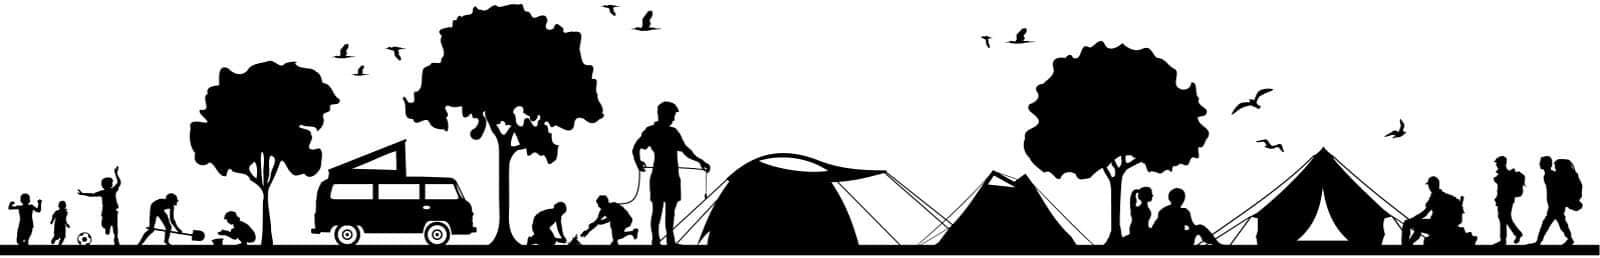 Silhouette vom Campingplatz - Website-Angebot von Keepsmile Design, Castrop-Rauxel